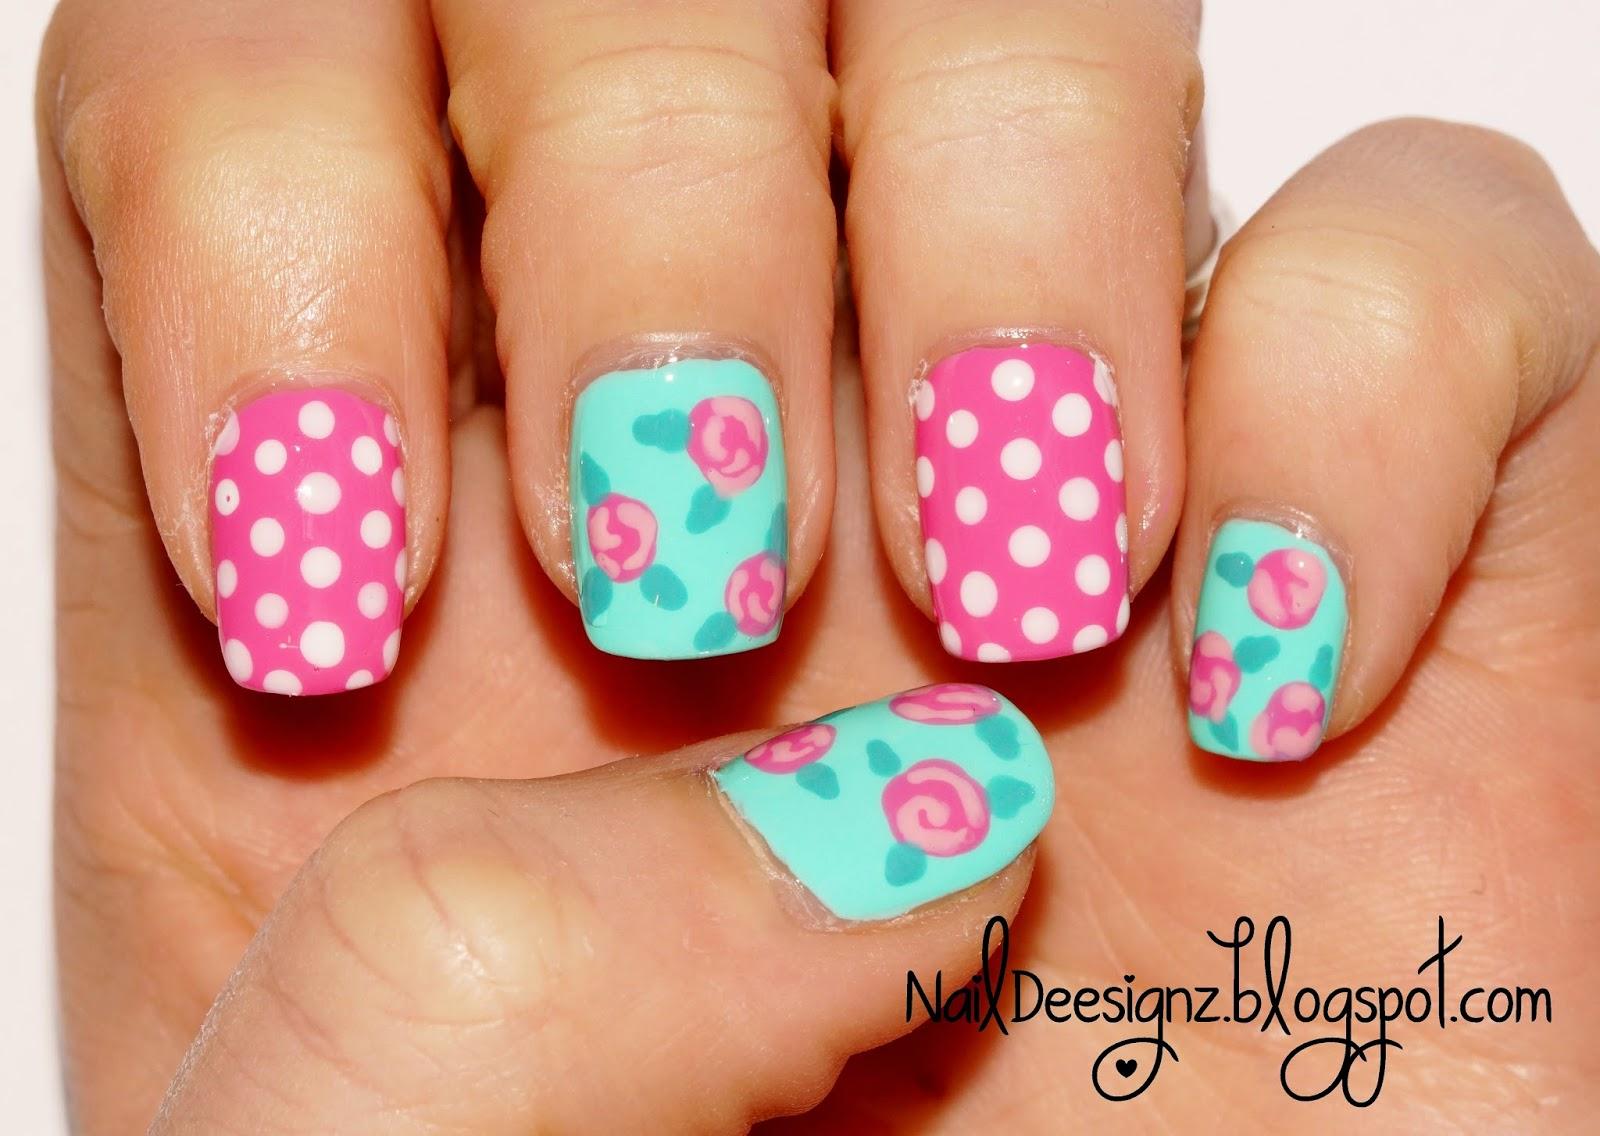 Naildeesignz shabby chic nail art - Nail art chic ...